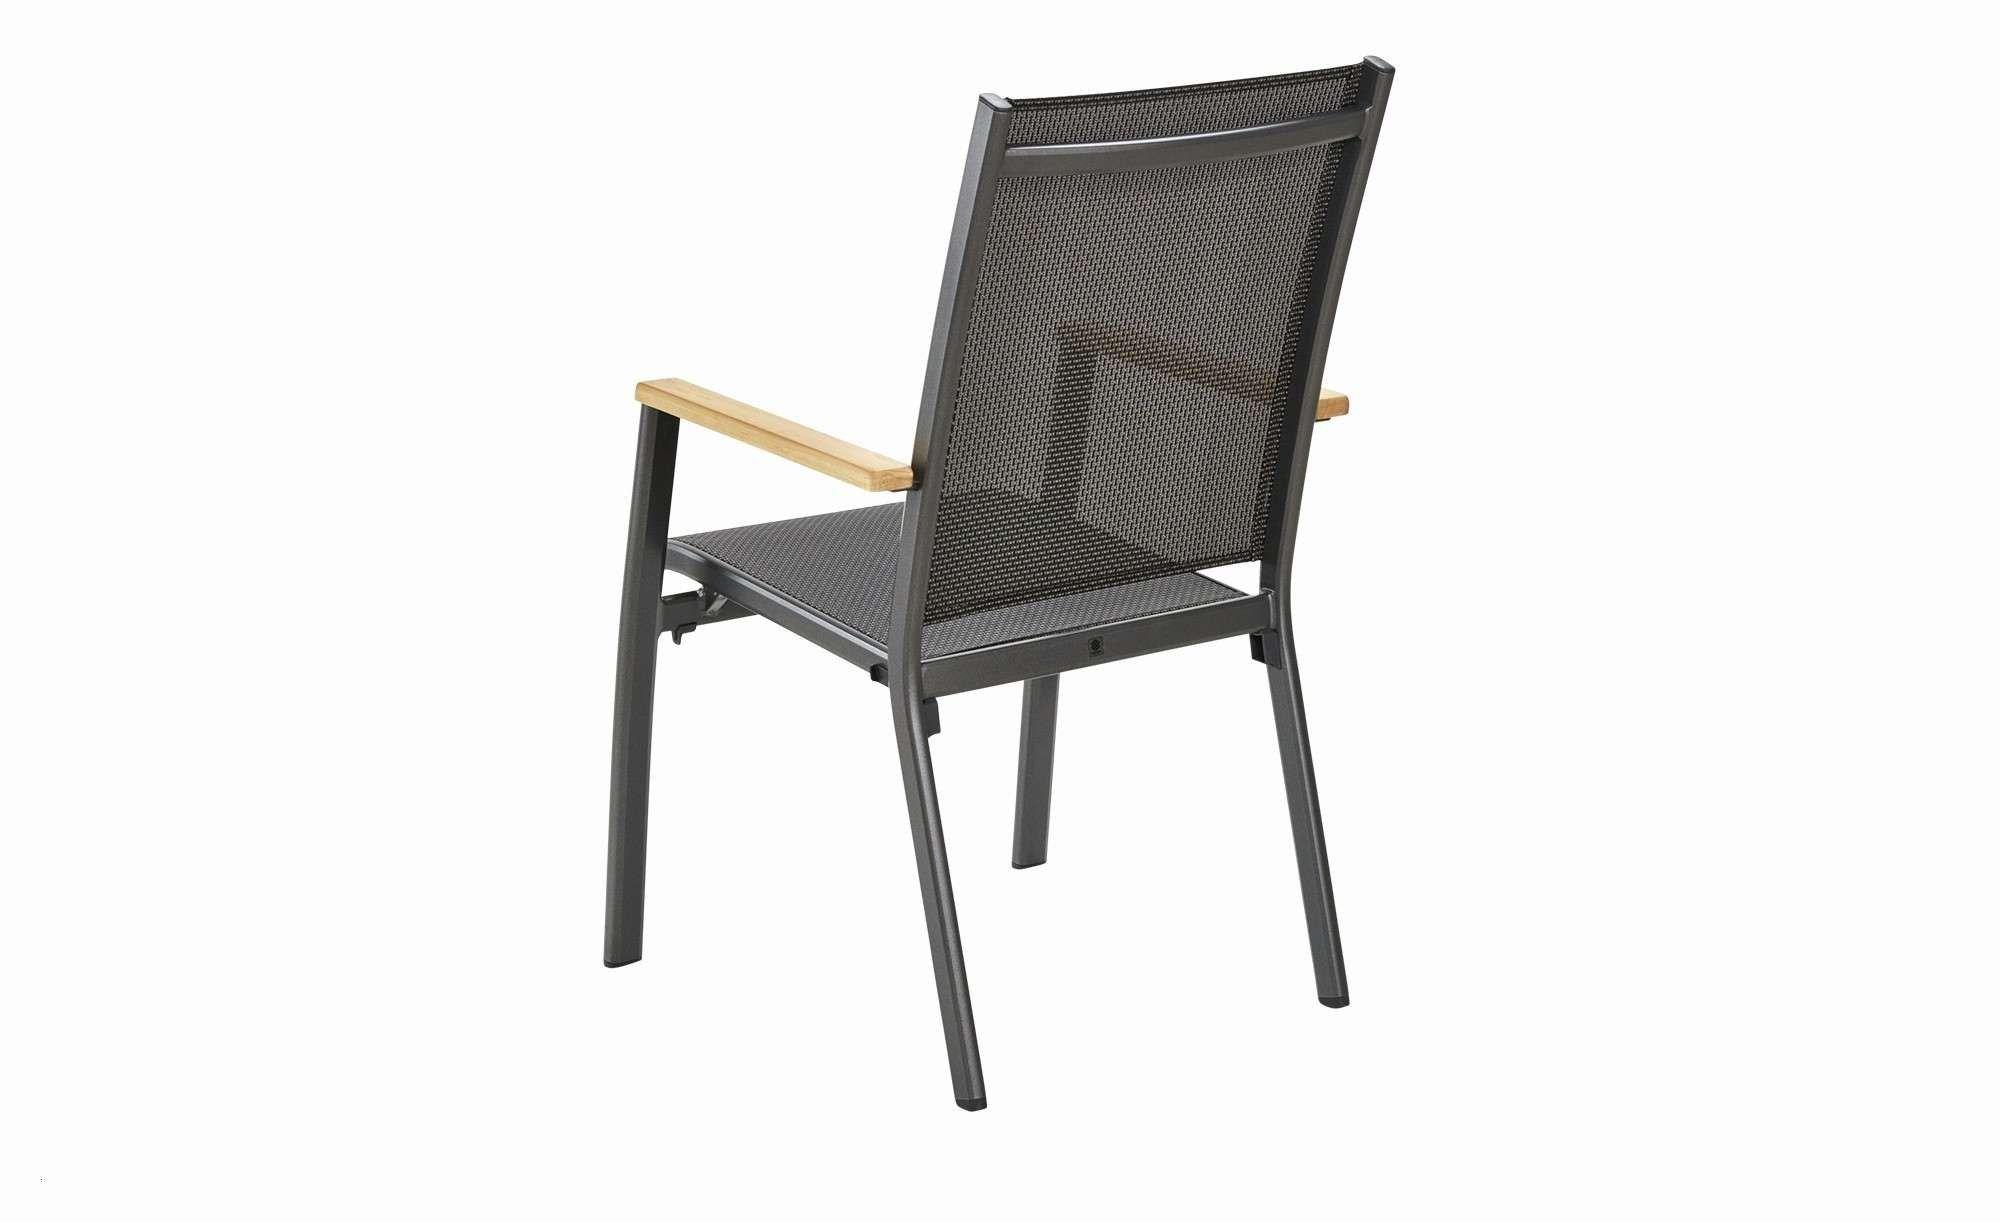 Full Size of Luxus 45 Zum Liegestuhl Klappbar Holz Küche Kaufen Ikea Miniküche Kosten Garten Bett Ausklappbar Betten 160x200 Ausklappbares Bei Modulküche Sofa Mit Wohnzimmer Liegestuhl Klappbar Ikea